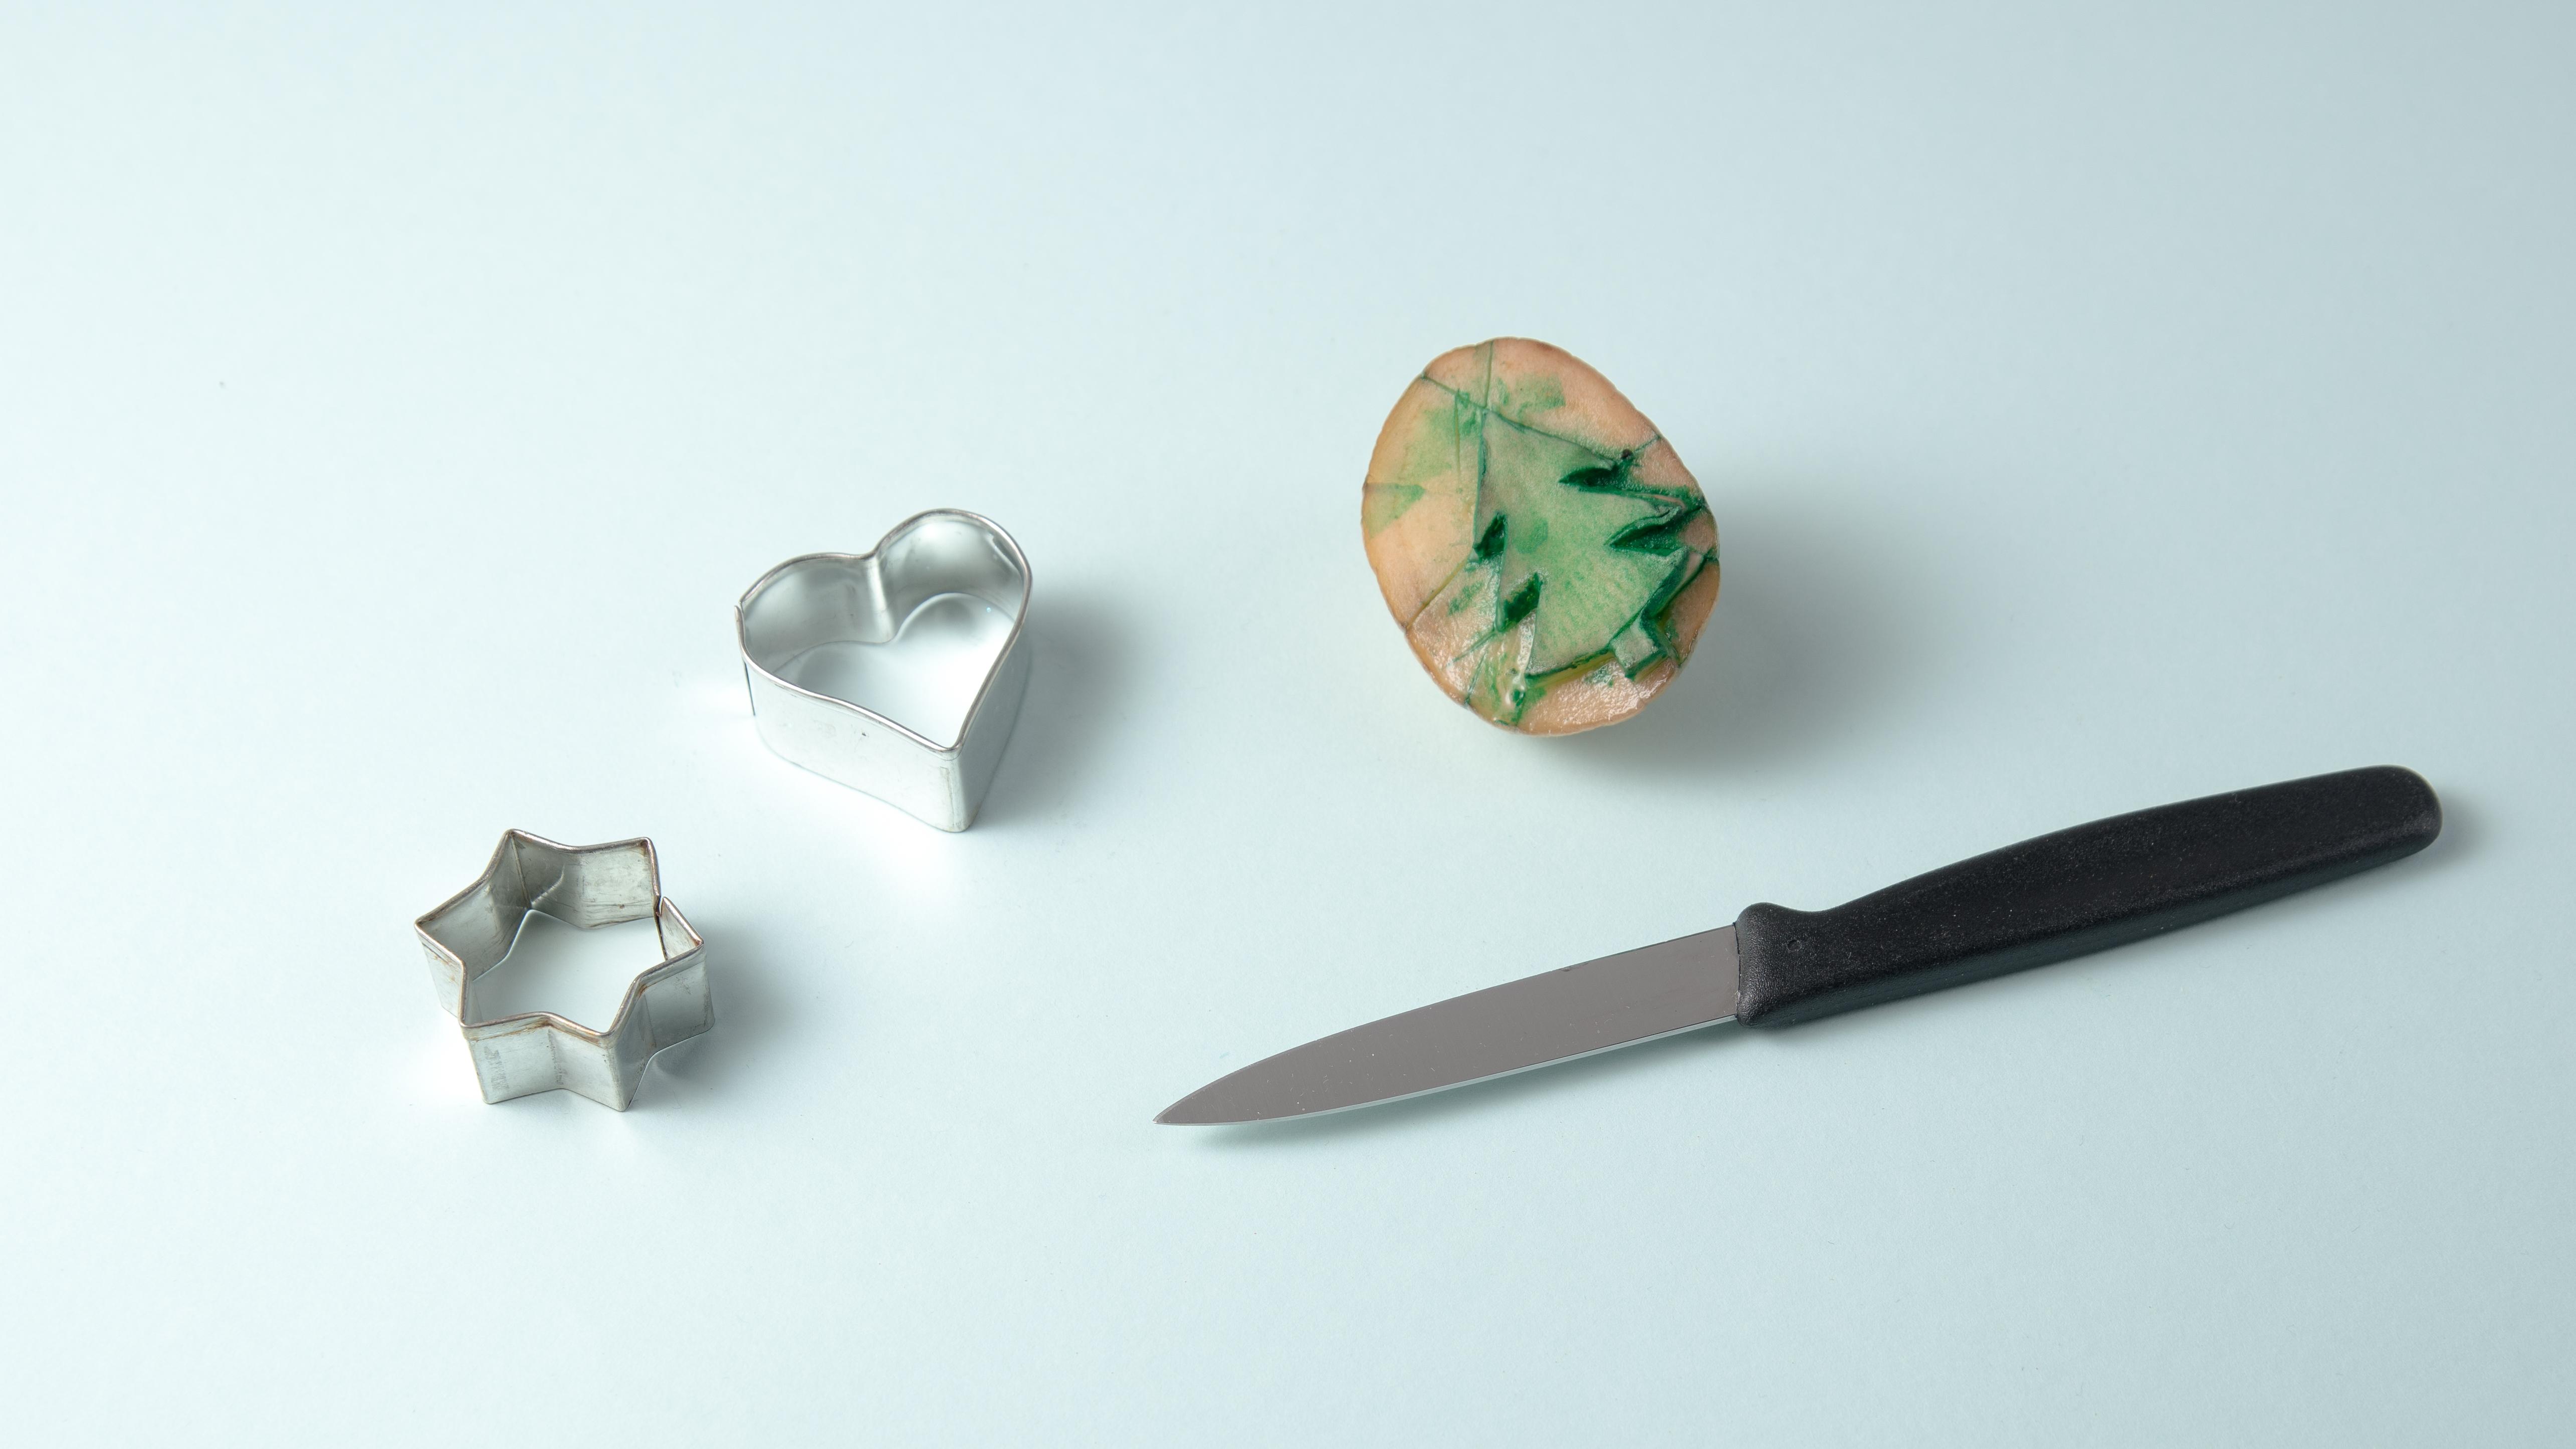 Kartoffelstempel auf Küchentuch | Famigros